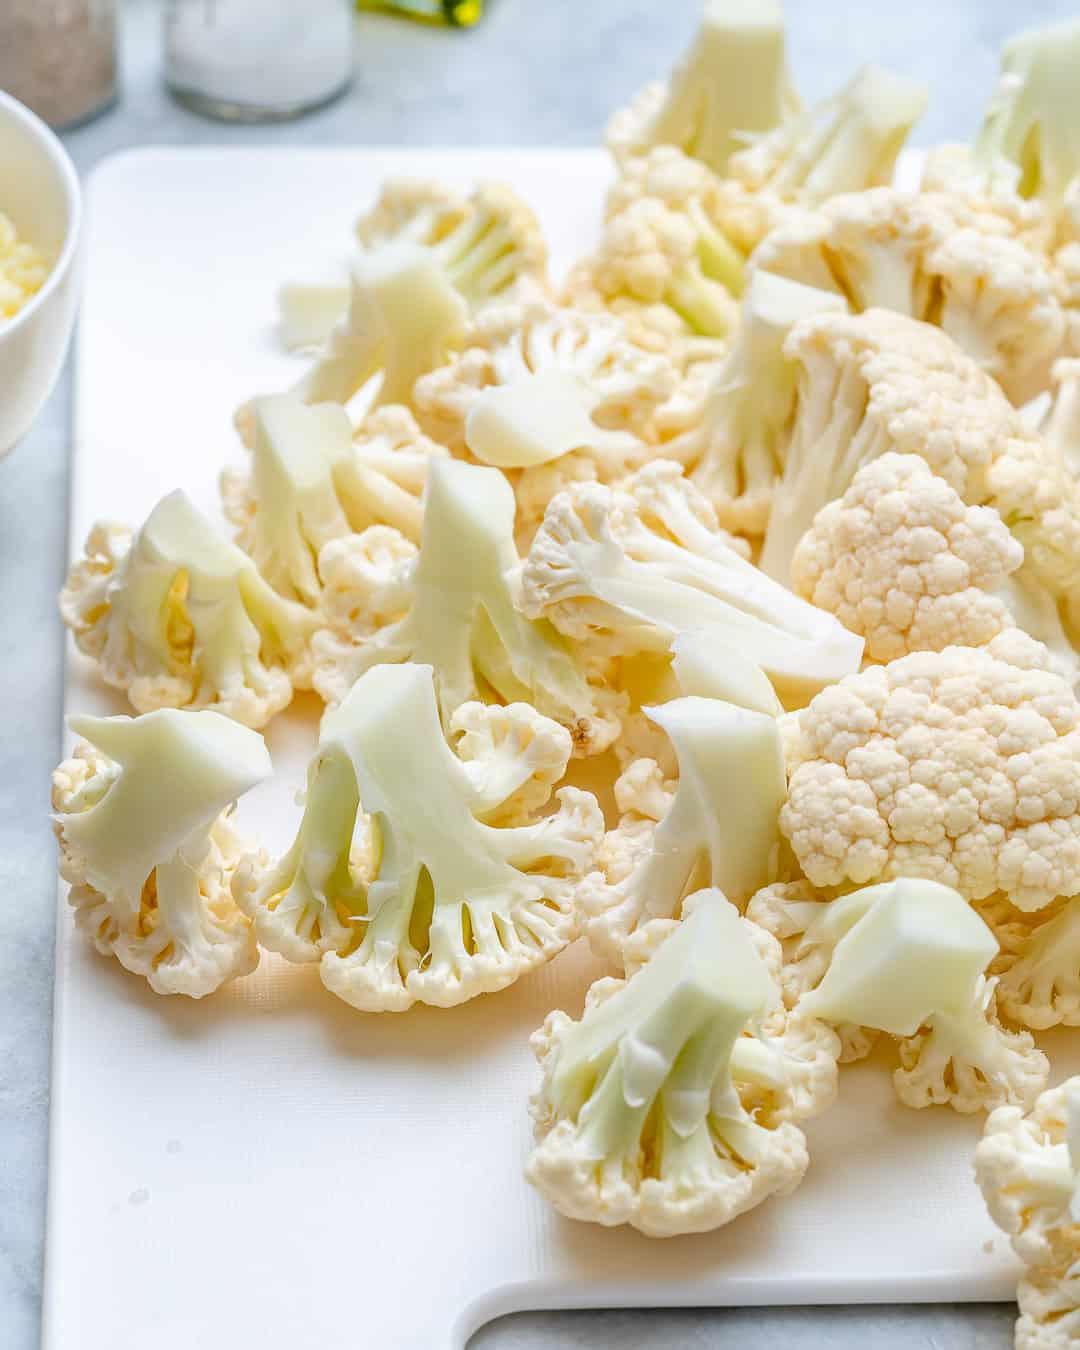 Break cauliflower florets into even sized pieces